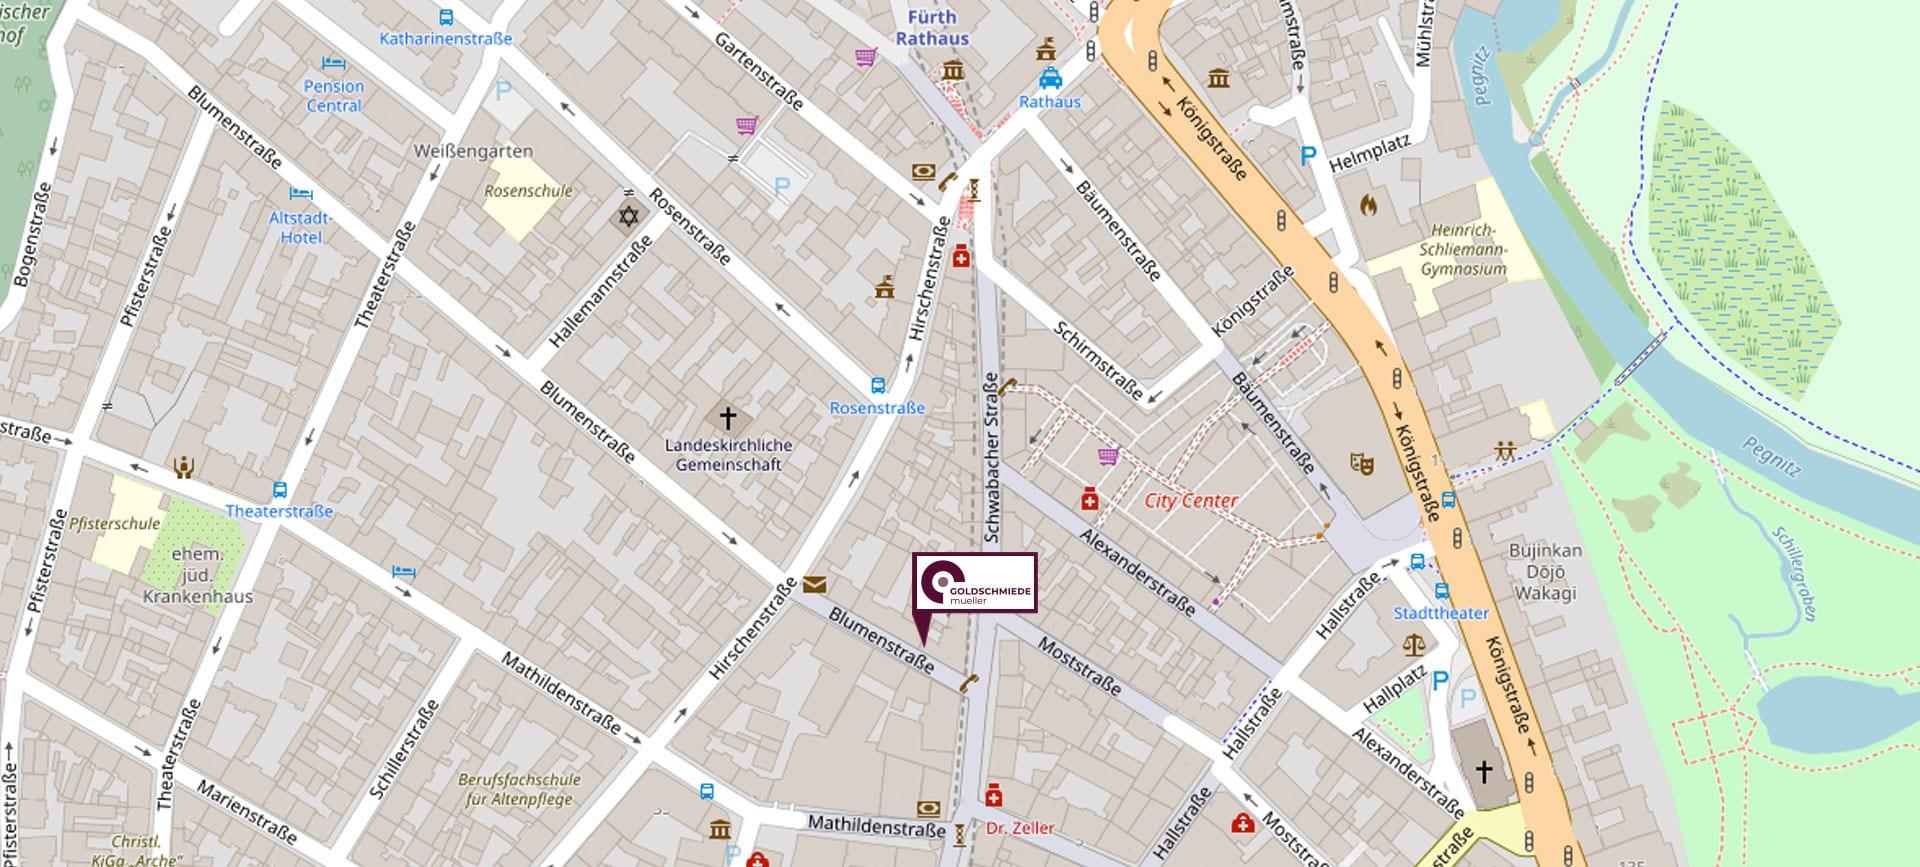 Karte Lage Adresse Schwabacherstraße 26 Ecke Blumenstraße Fürth